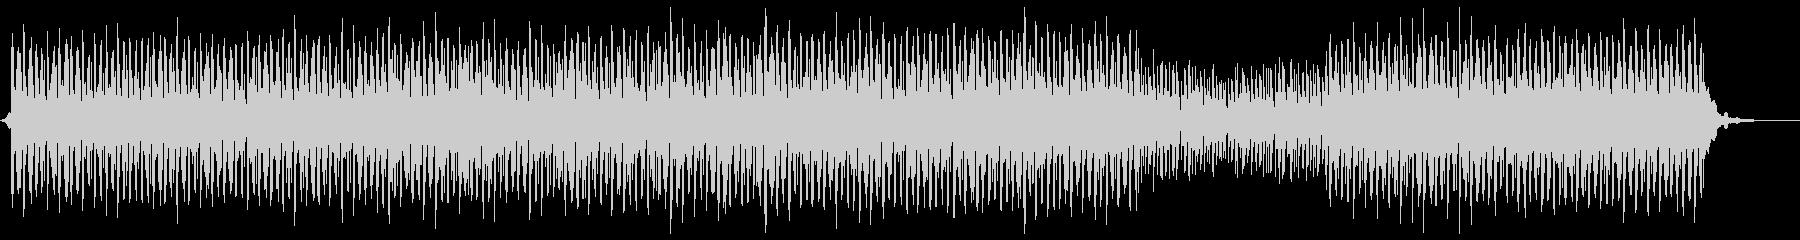 クールでアーバンな雰囲気のBGMの未再生の波形